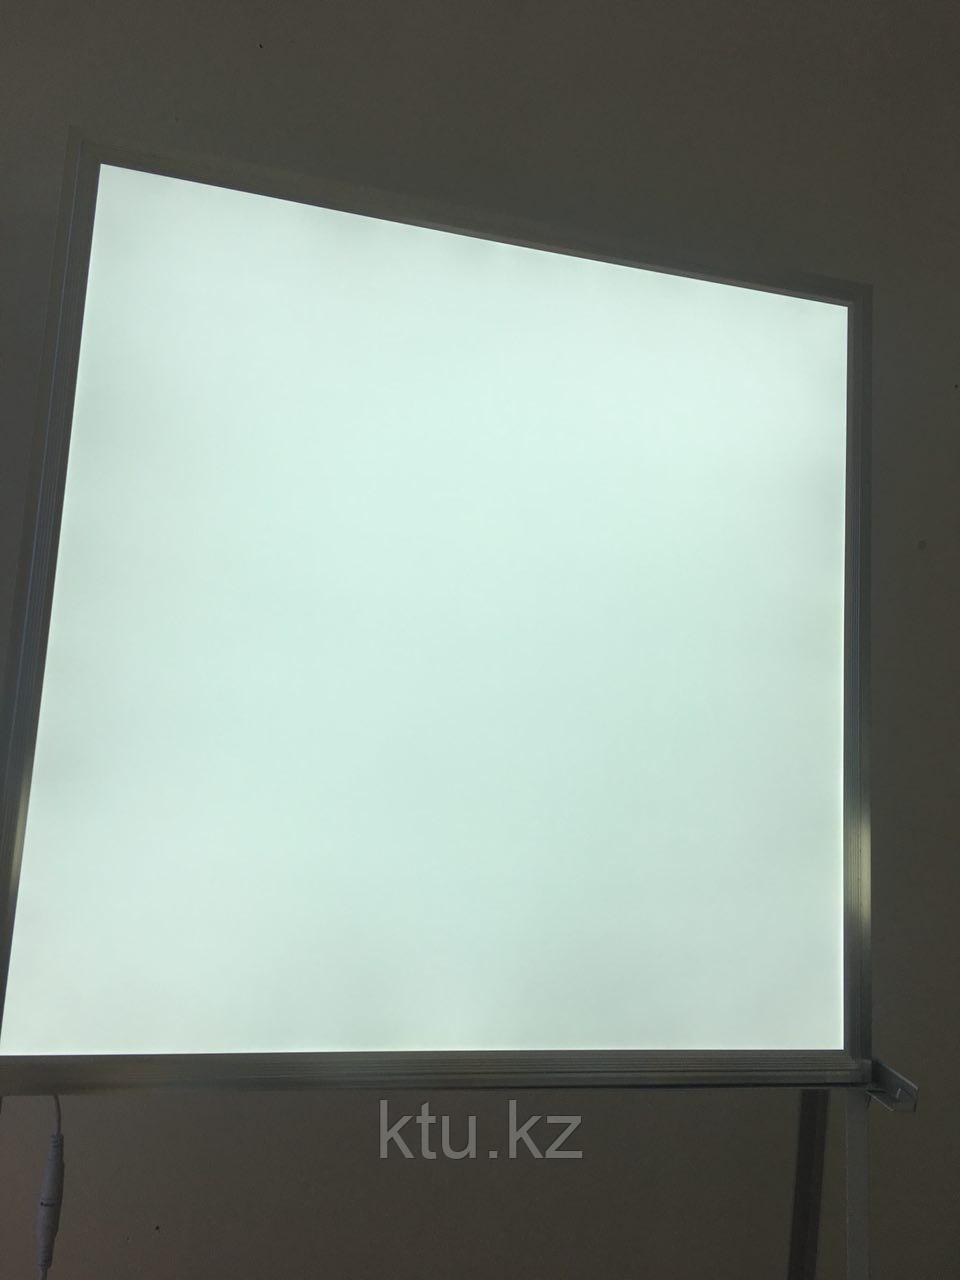 Светильник под армстронг для магазинов JL6060 48W, наружный 3год гарантия